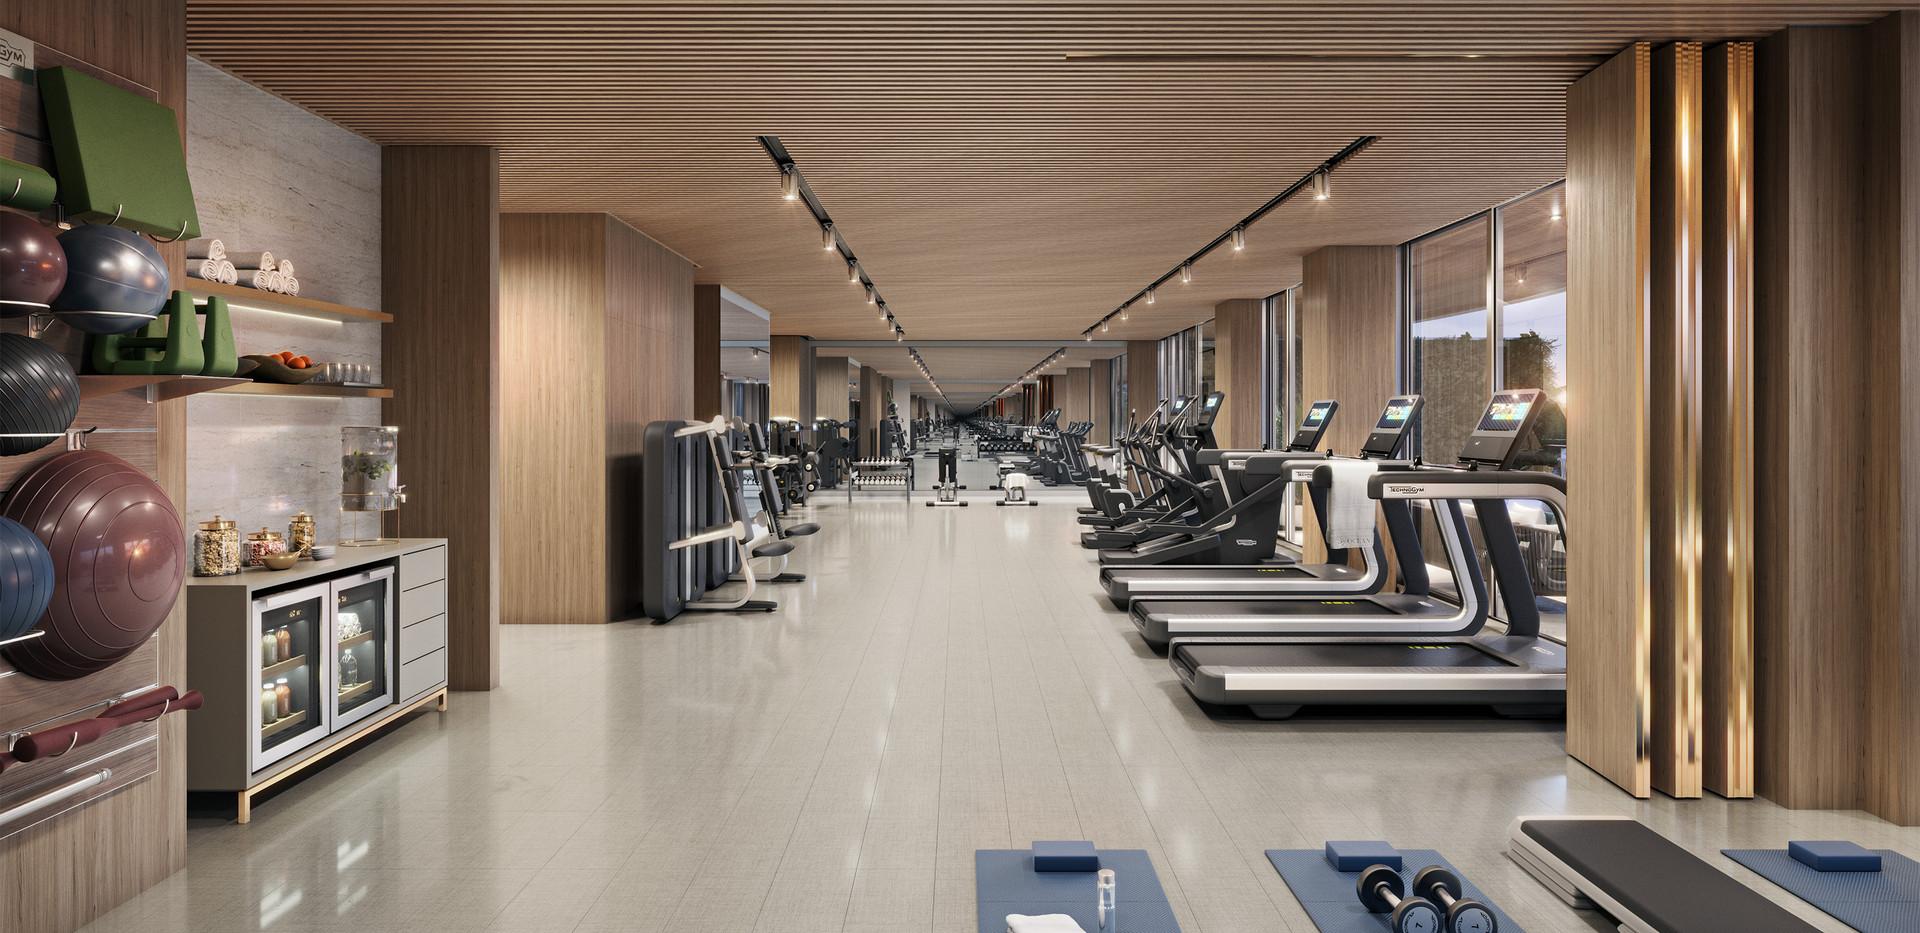 57 Ocean Gym